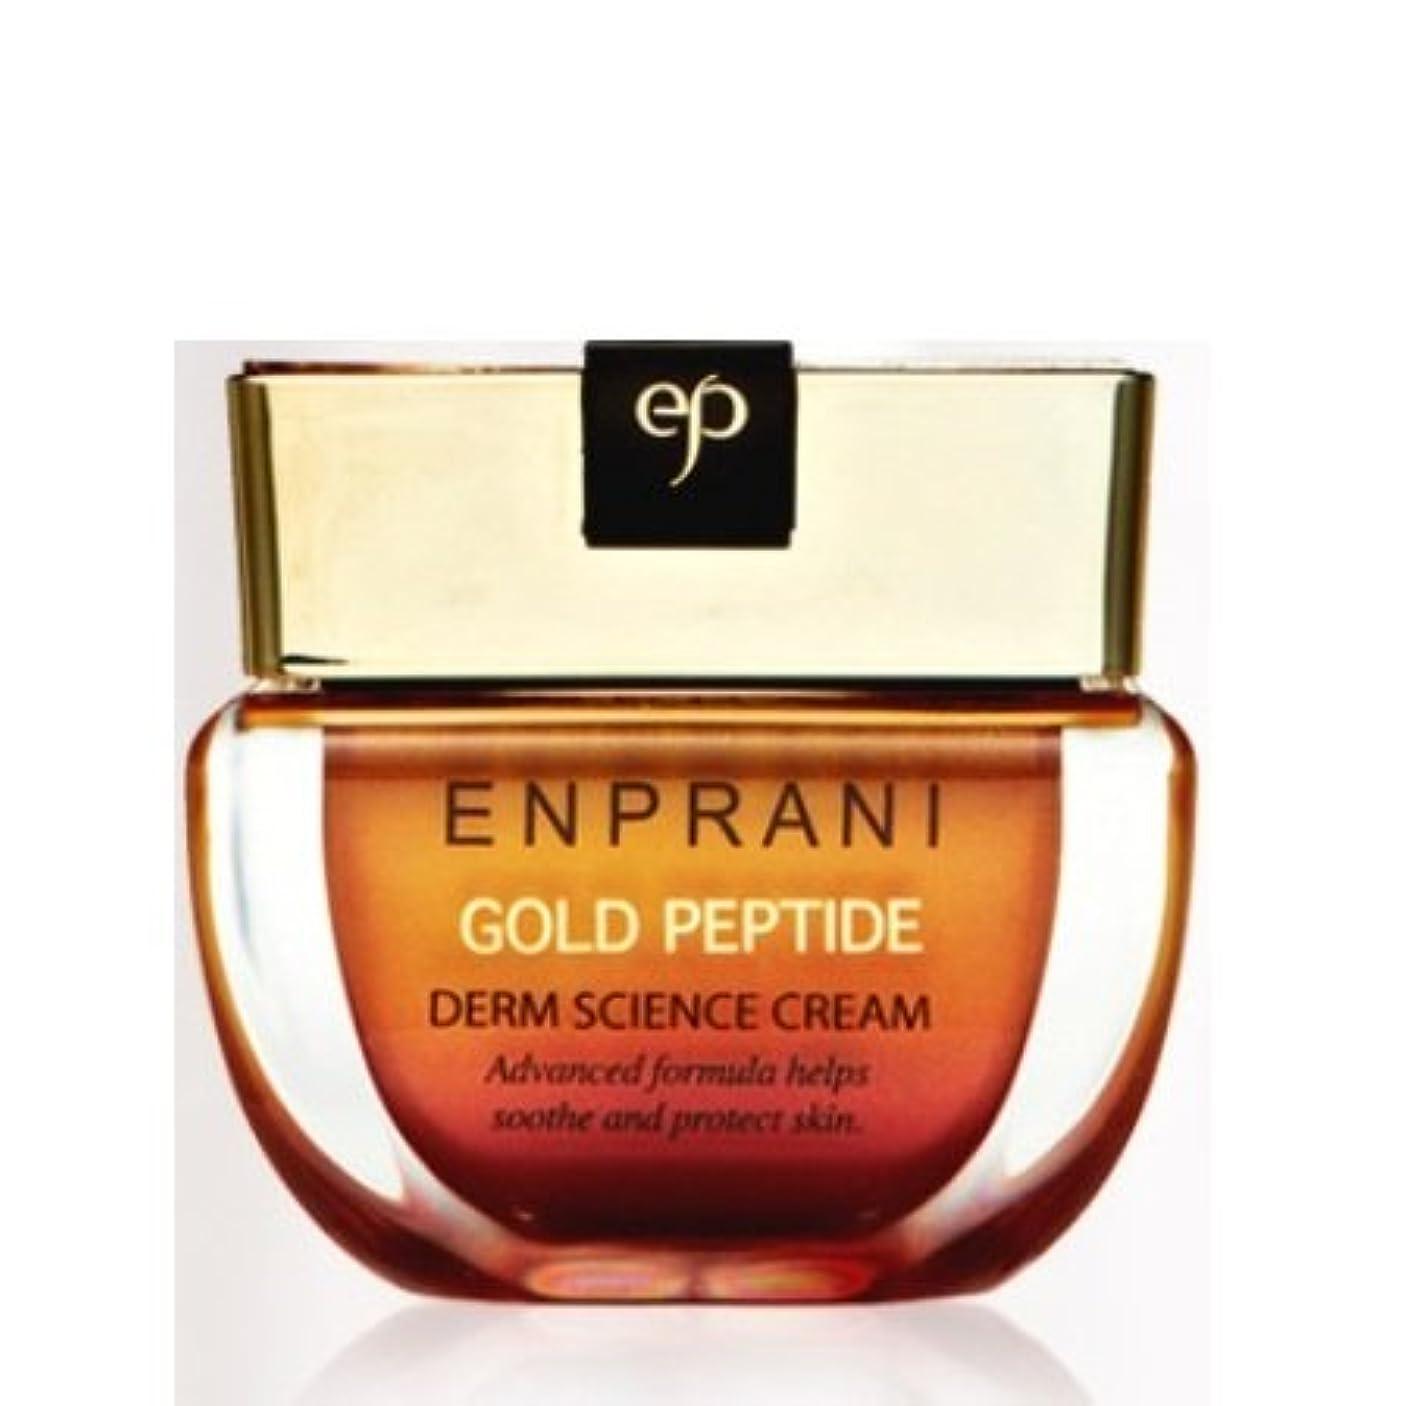 レンジギャンブル酒ENPRANI GOLD PEPTIDE DERM SCIENCE CREAM 45ml / エンプラニ ゴールドペプチドダームサイエンスクリーム 45ml [並行輸入品]